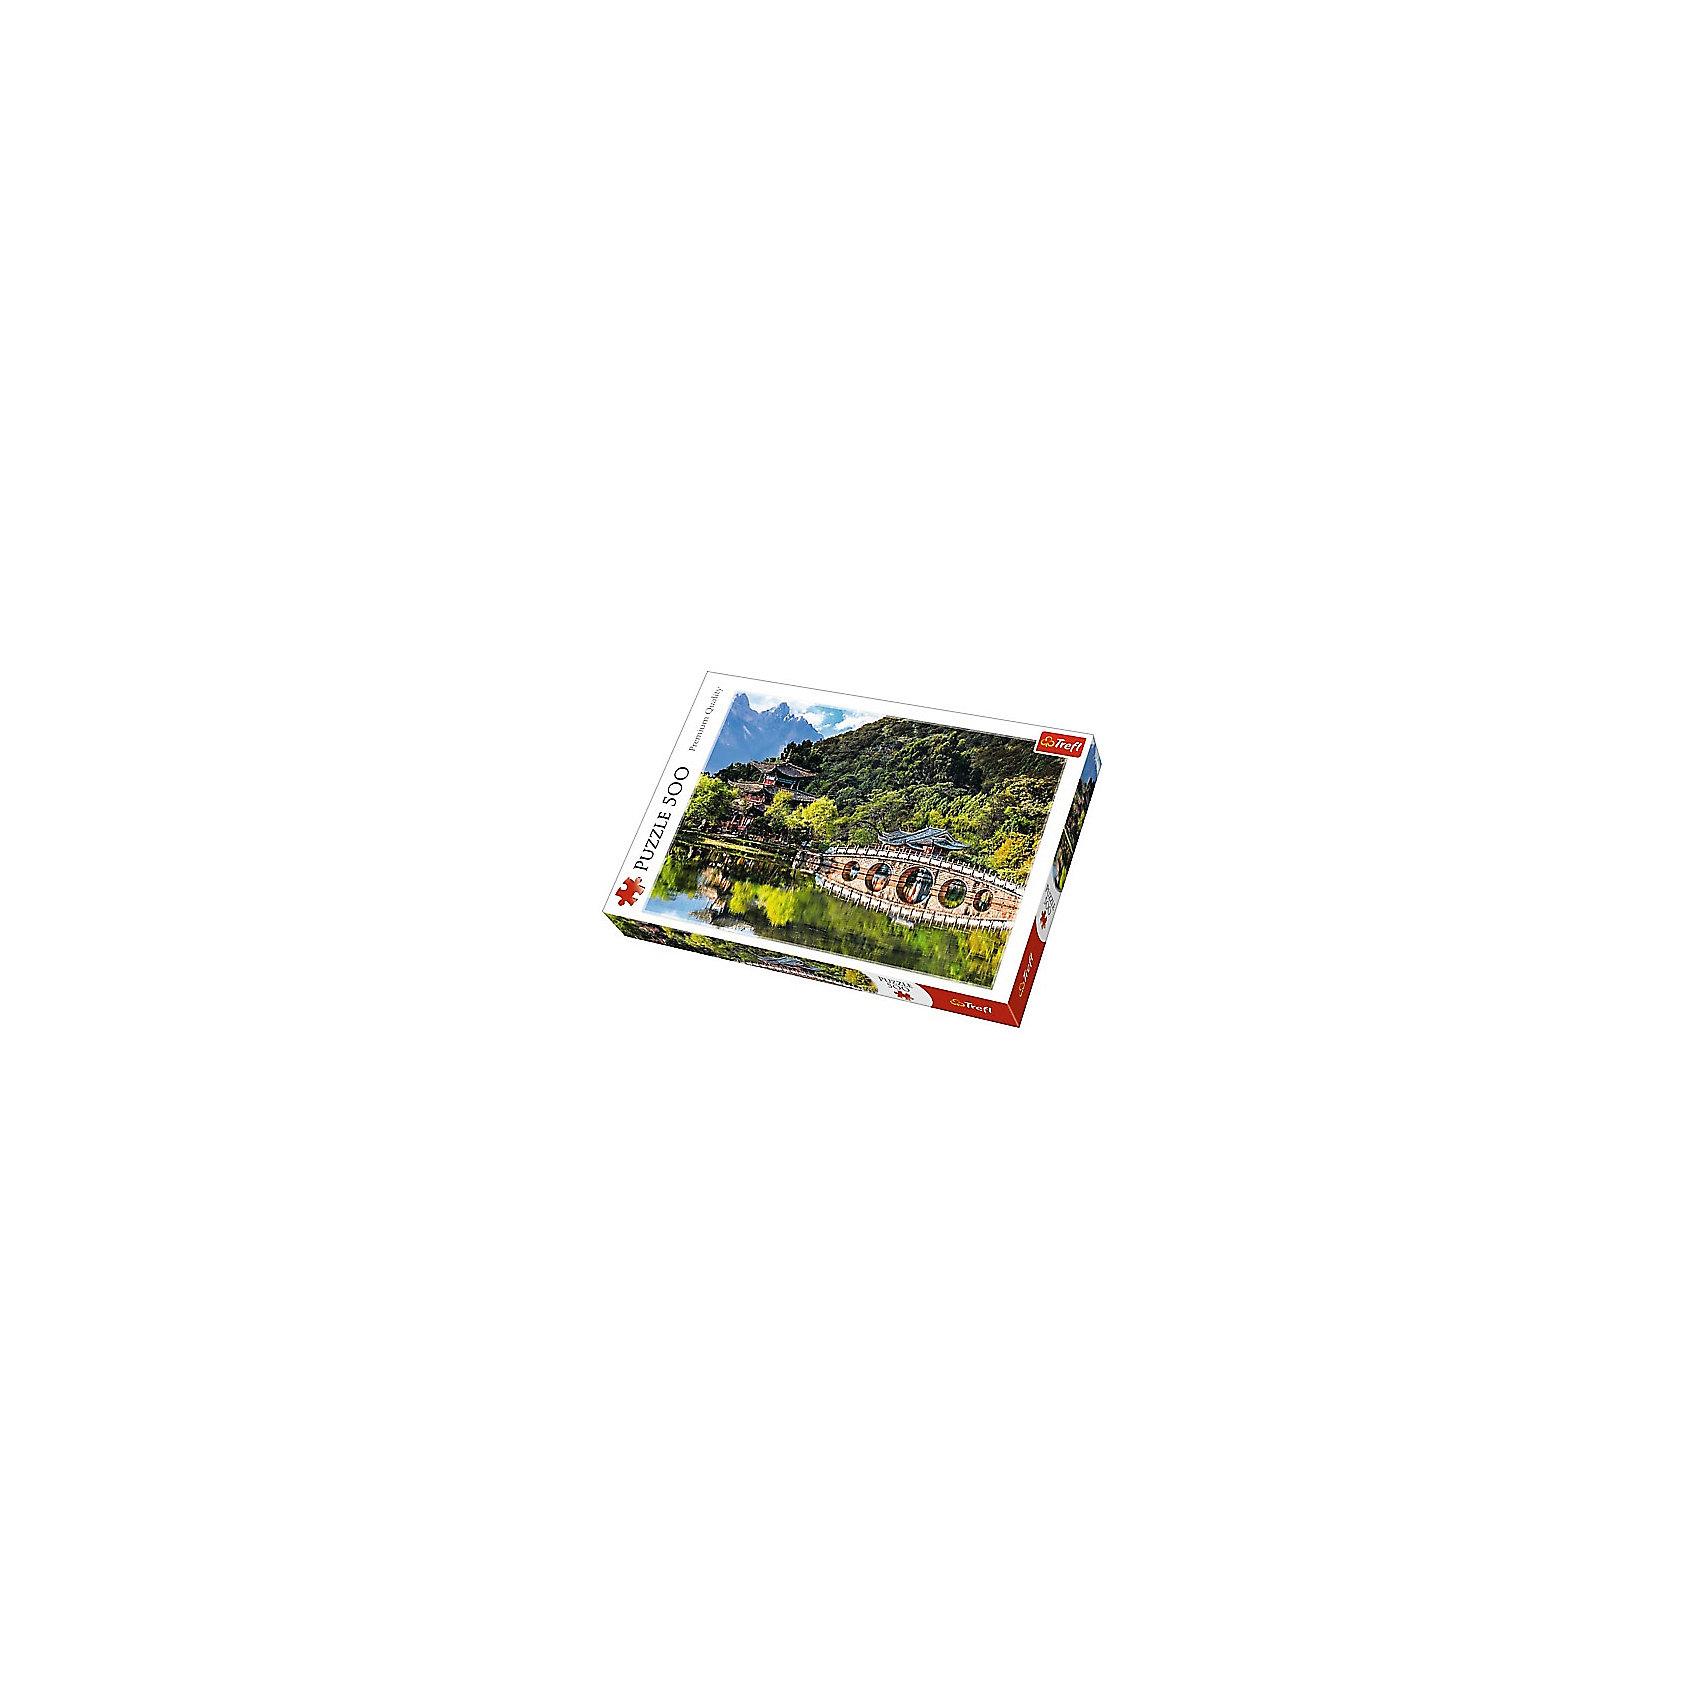 Пазлы «Бассейн Черного дракона, Лицзян, Китай», 500 деталейПазлы для детей постарше<br>Пазл «Пруд Черного дракона» на 200 деталей от Trefl - медитативный и экзотический вид на одну из популярных достопримечательностей Китая. Пагоды, изогнутый мостик, горы и свежая зелень, чей оттенок, колеблющийся от серо-зеленого до салатового, великолепно передан с помощью максимально насыщенных фирменных красок польского бренда. <br>Помимо эффектного внешнего вида к достоинствам пазла можно отнести крепкую сцепку элементов и антибликовое покрытие, которое позволяет собирать картину даже при направленном искусственном освещении. <br>Количество деталей: 500. <br>Размеры картинки в собранном виде: 48х34 см. <br>Размеры коробки: 39,8х26,6х4,5 см. <br>Вес коробки: 0,55 кг. <br>Пазл предназначен для детей старше 10 лет.<br><br>Ширина мм: 410<br>Глубина мм: 378<br>Высота мм: 266<br>Вес г: 500<br>Возраст от месяцев: 120<br>Возраст до месяцев: 2147483647<br>Пол: Унисекс<br>Возраст: Детский<br>SKU: 7126361